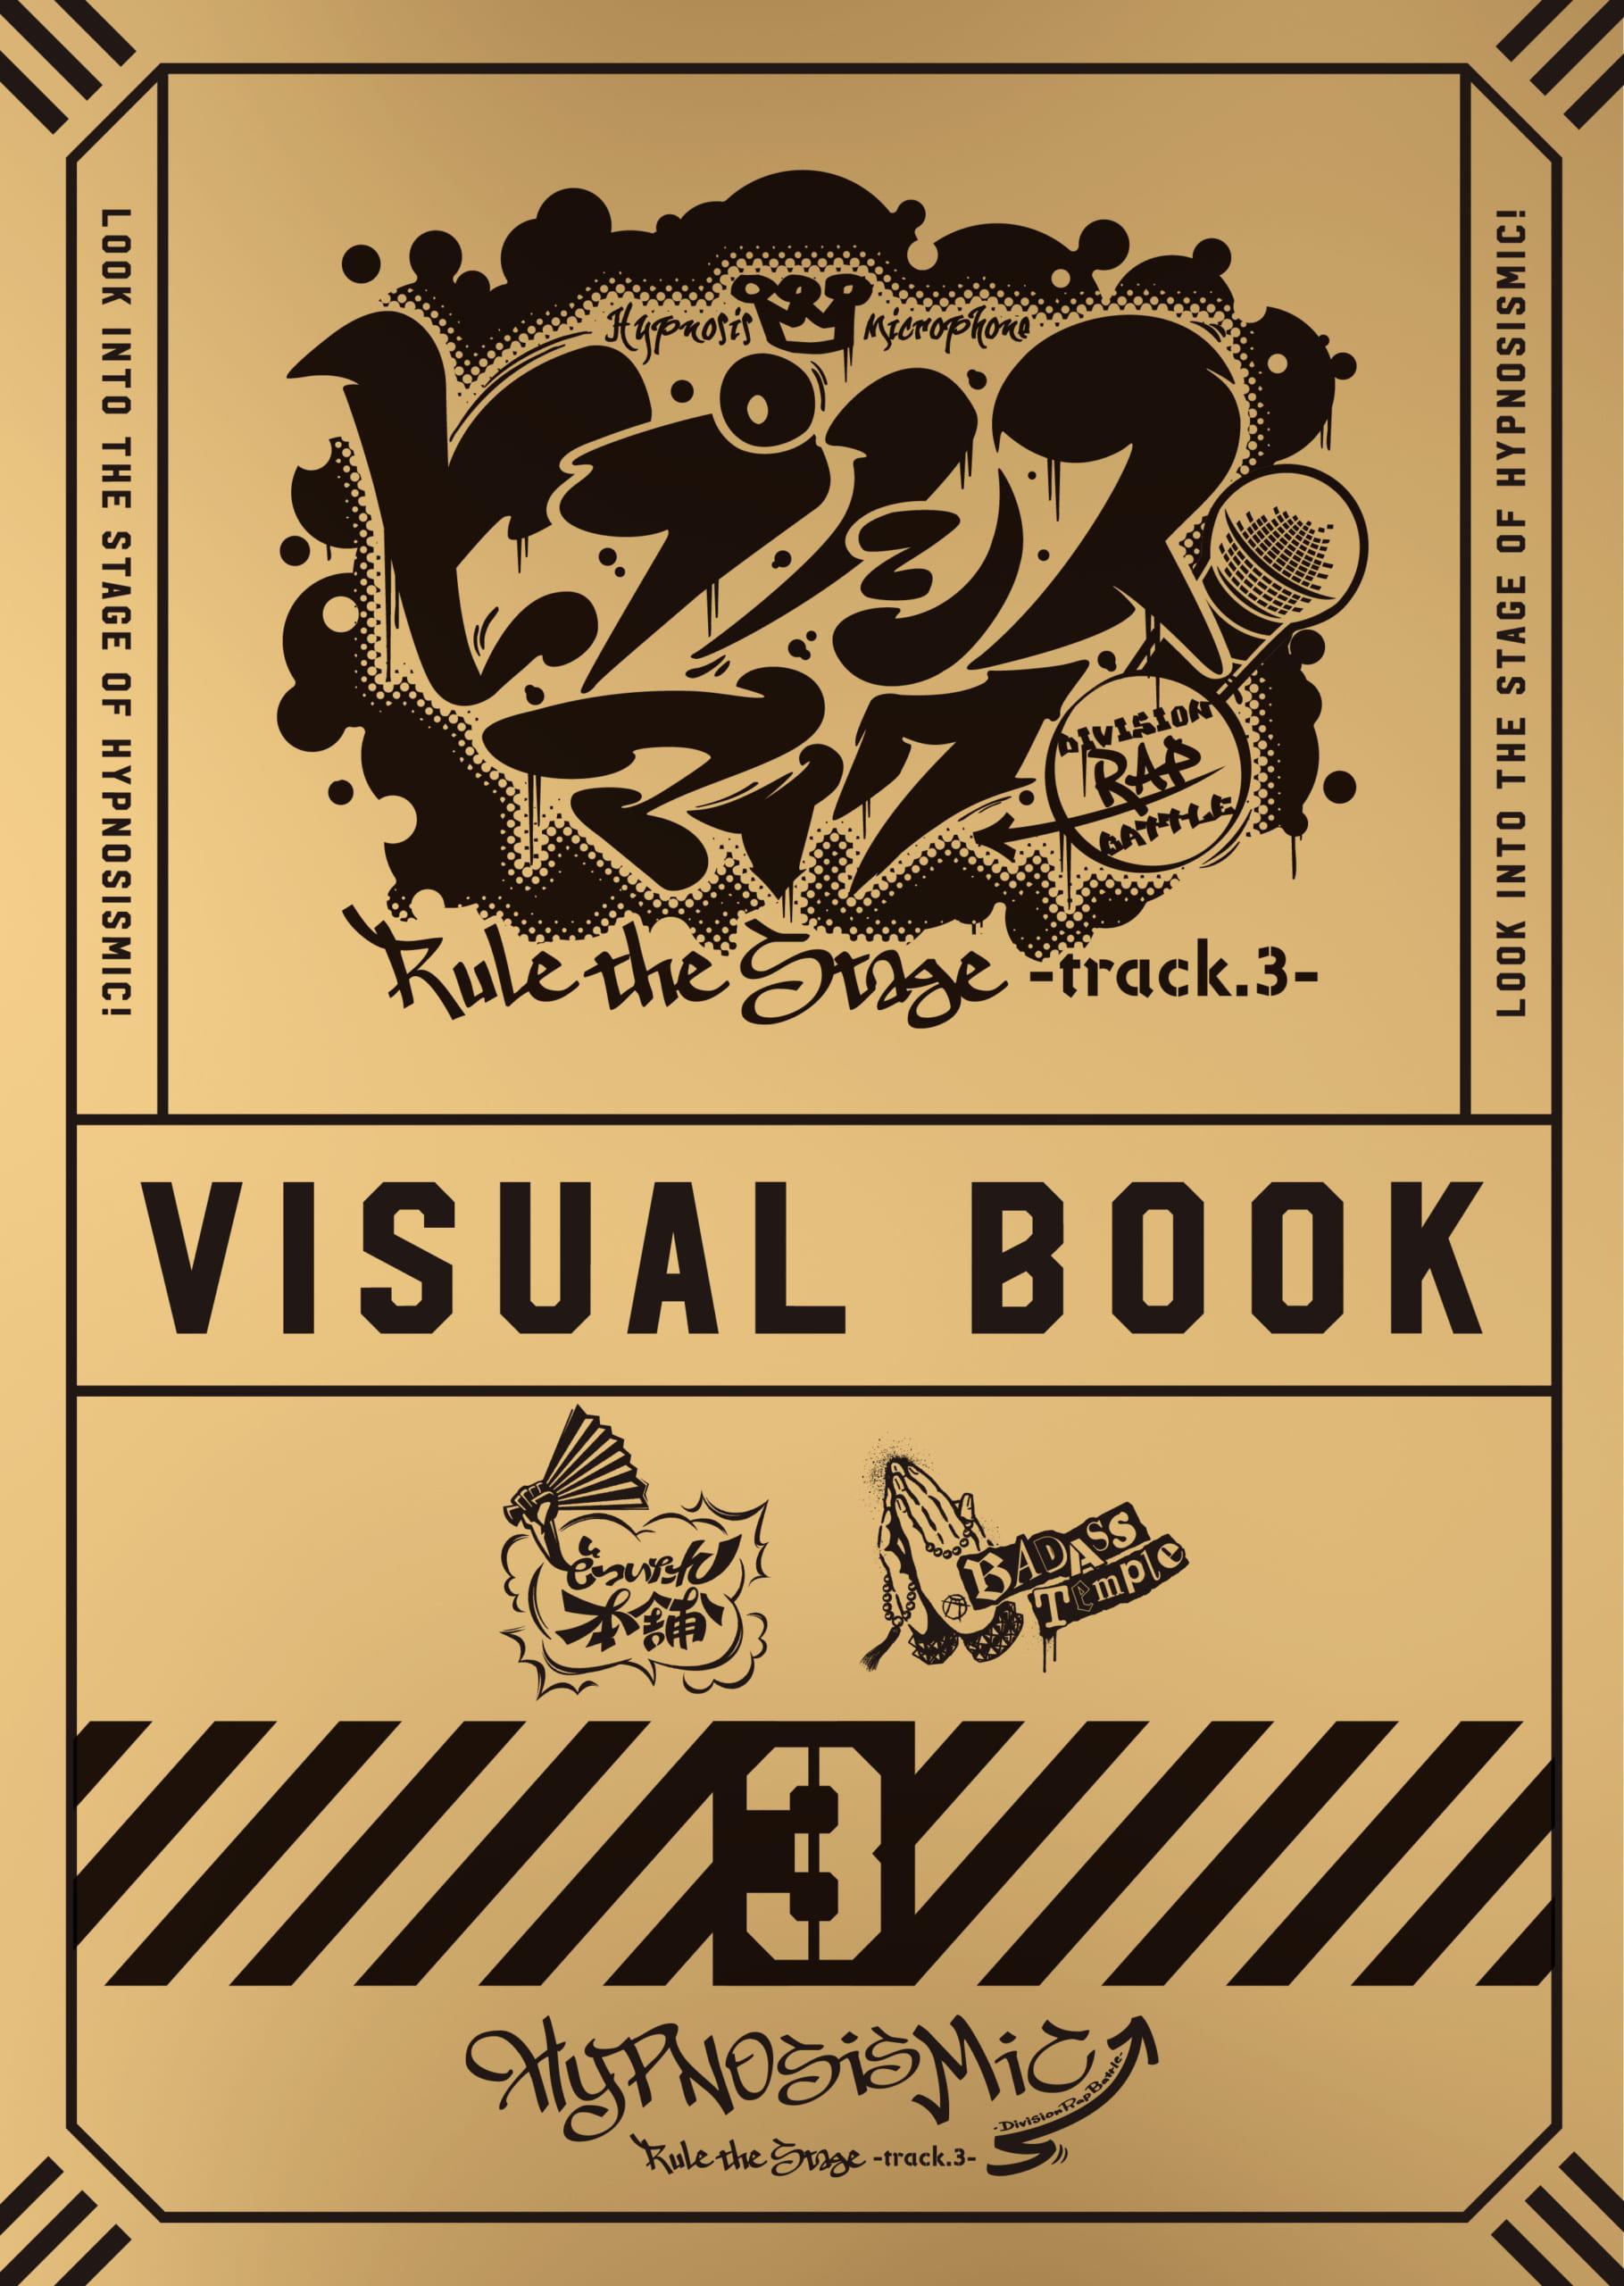 「ヒプノシスマイク-Division Rap Battle-」Rule the Stage -track.3- ビジュアルブック スリーブ